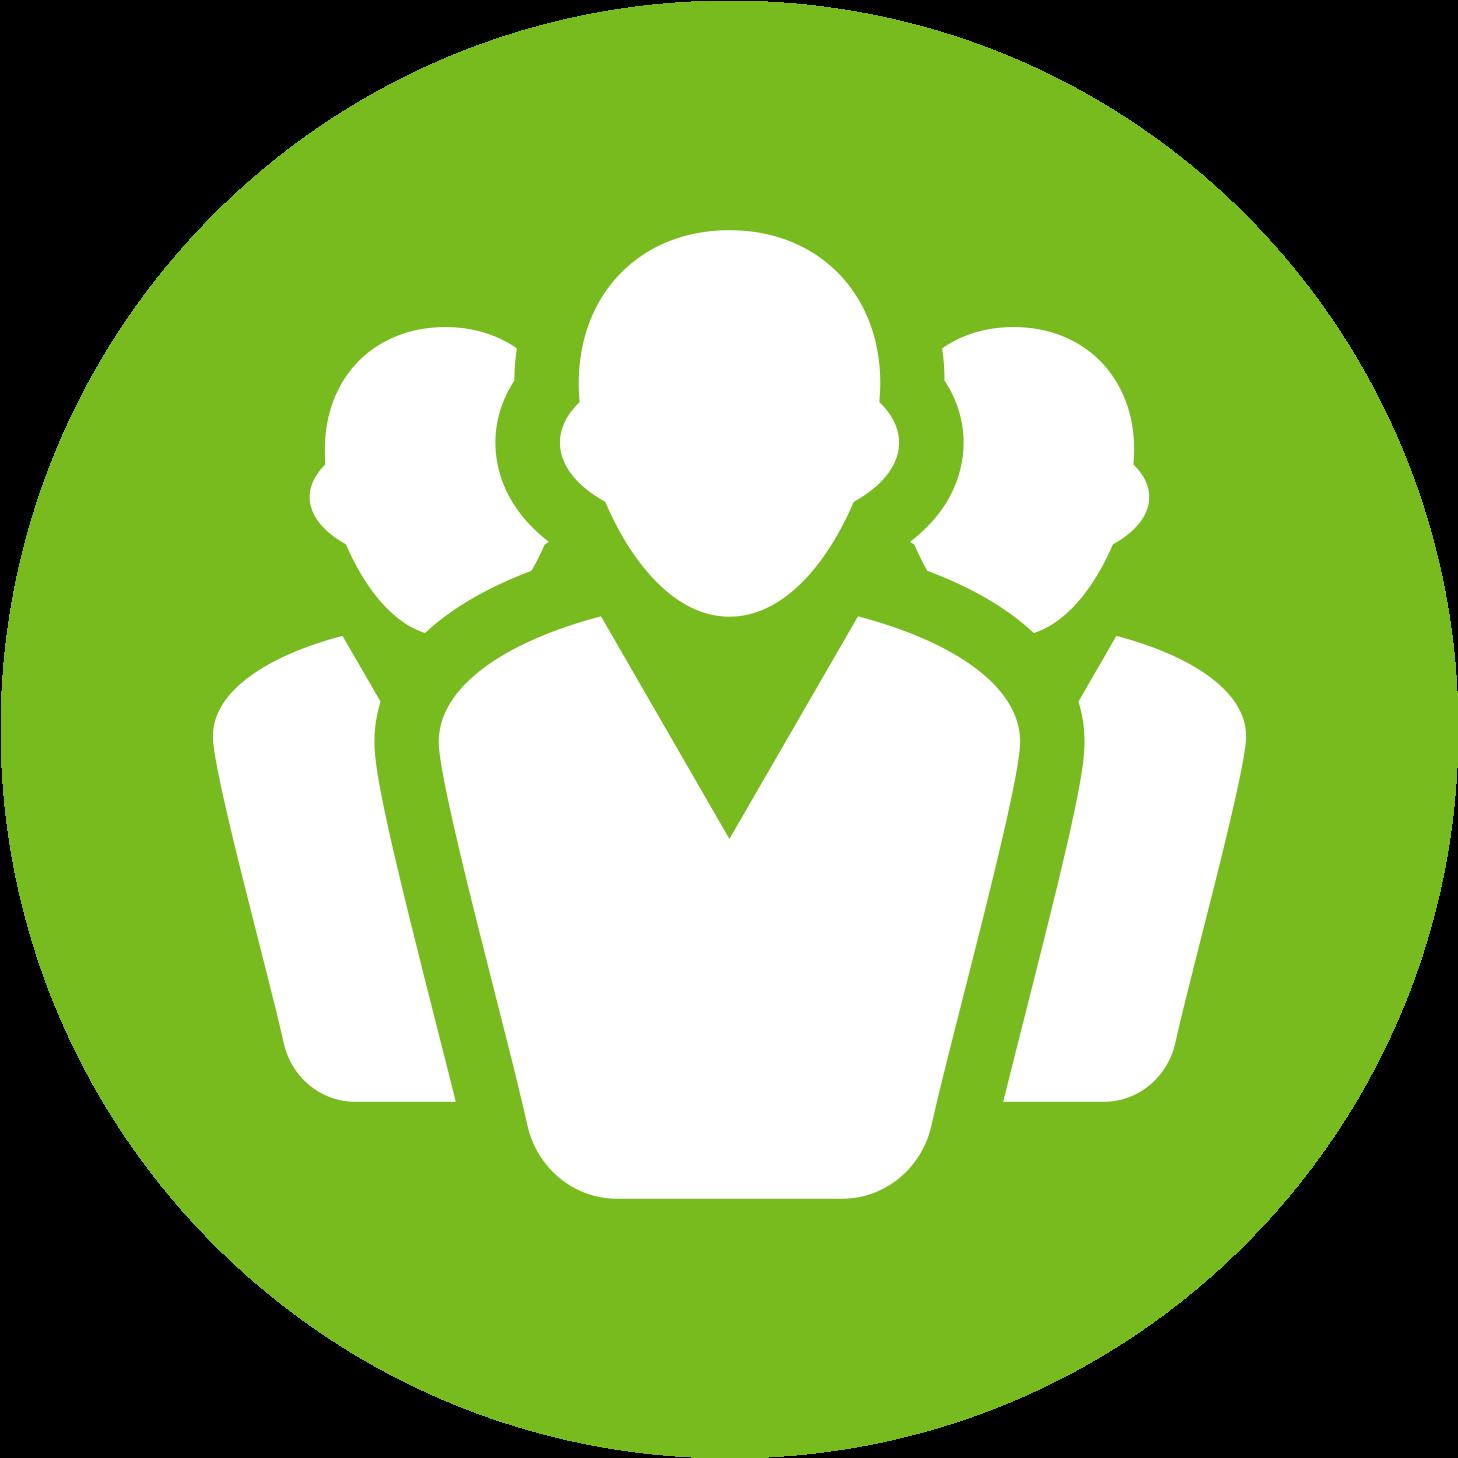 Менеджер-эколог торговой точки